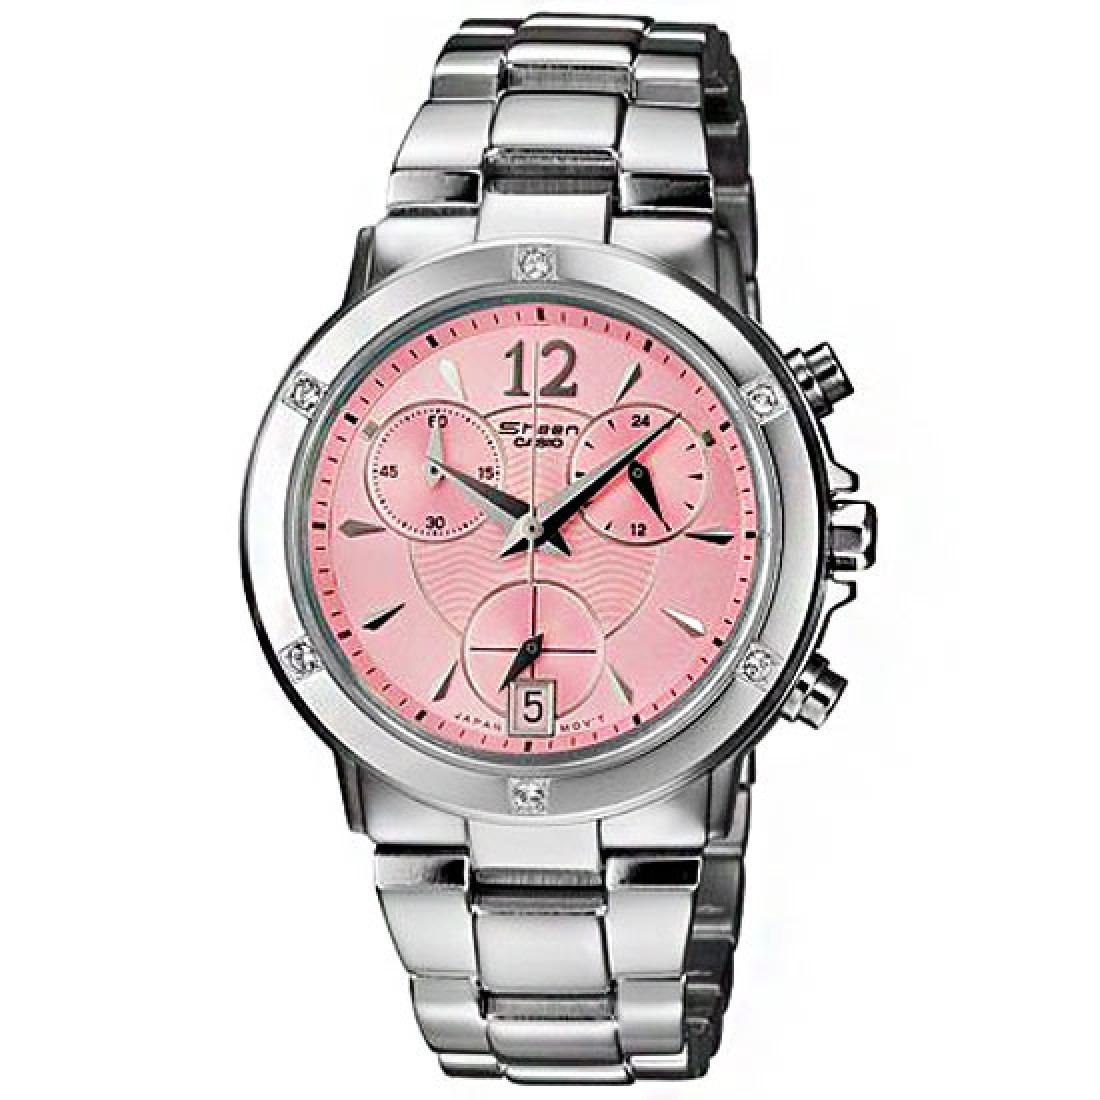 5af3101b699a reloj casio edifice mujer shn-5002d-4a envío internacional. Cargando zoom.